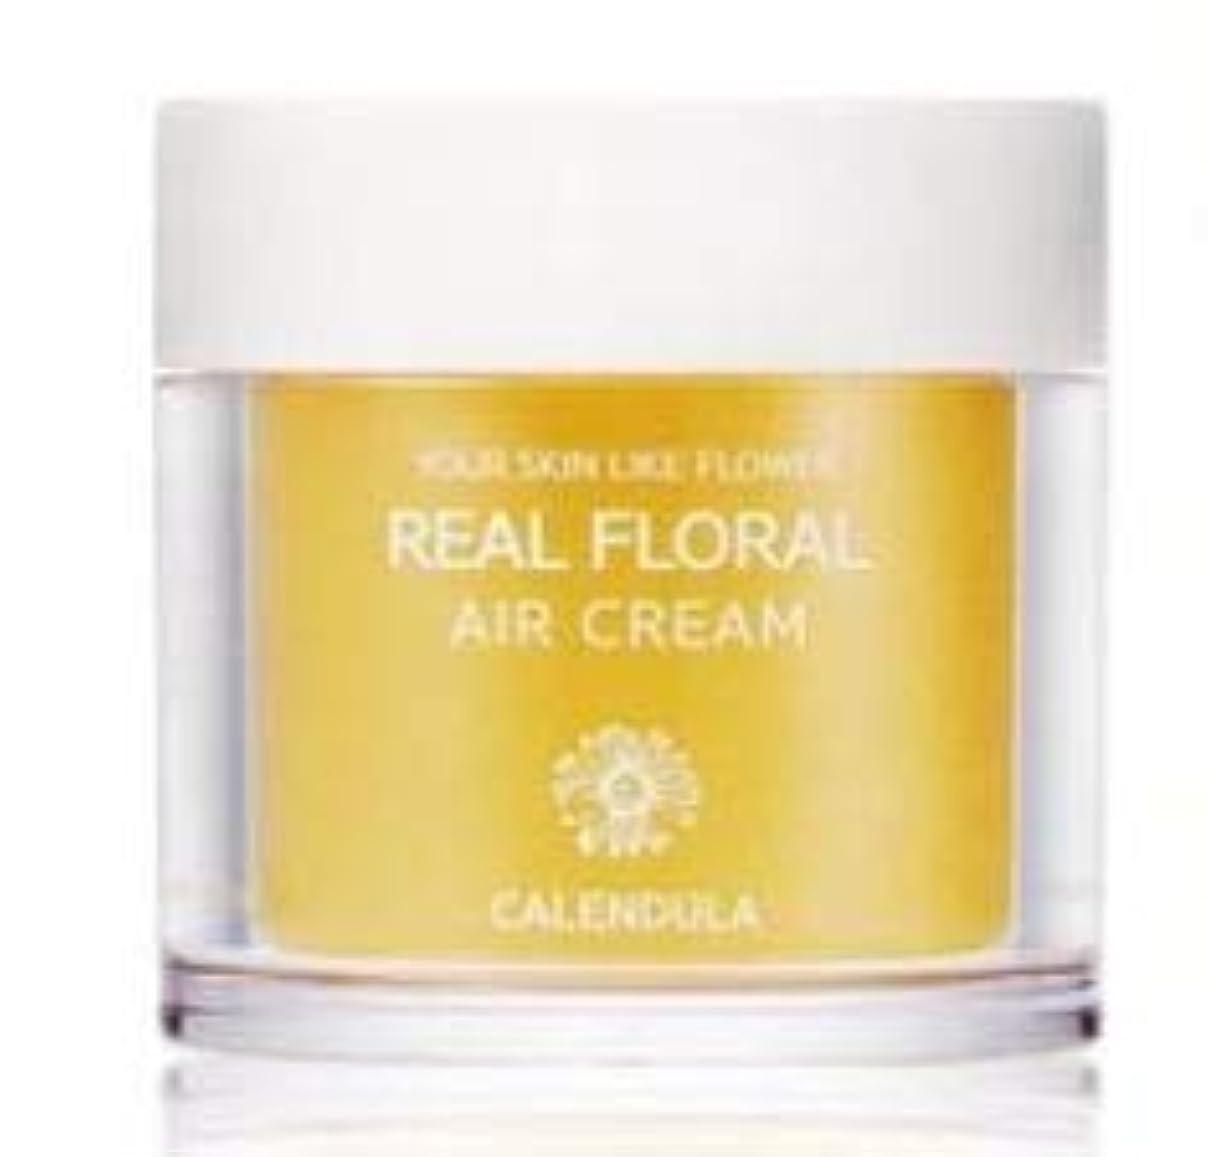 プレフィックス唇買い手NATURAL PACIFIC Real Floral Air Cream 100ml (Calendula) /ナチュラルパシフィック リアル カレンデュラ エア クリーム 100ml [並行輸入品]